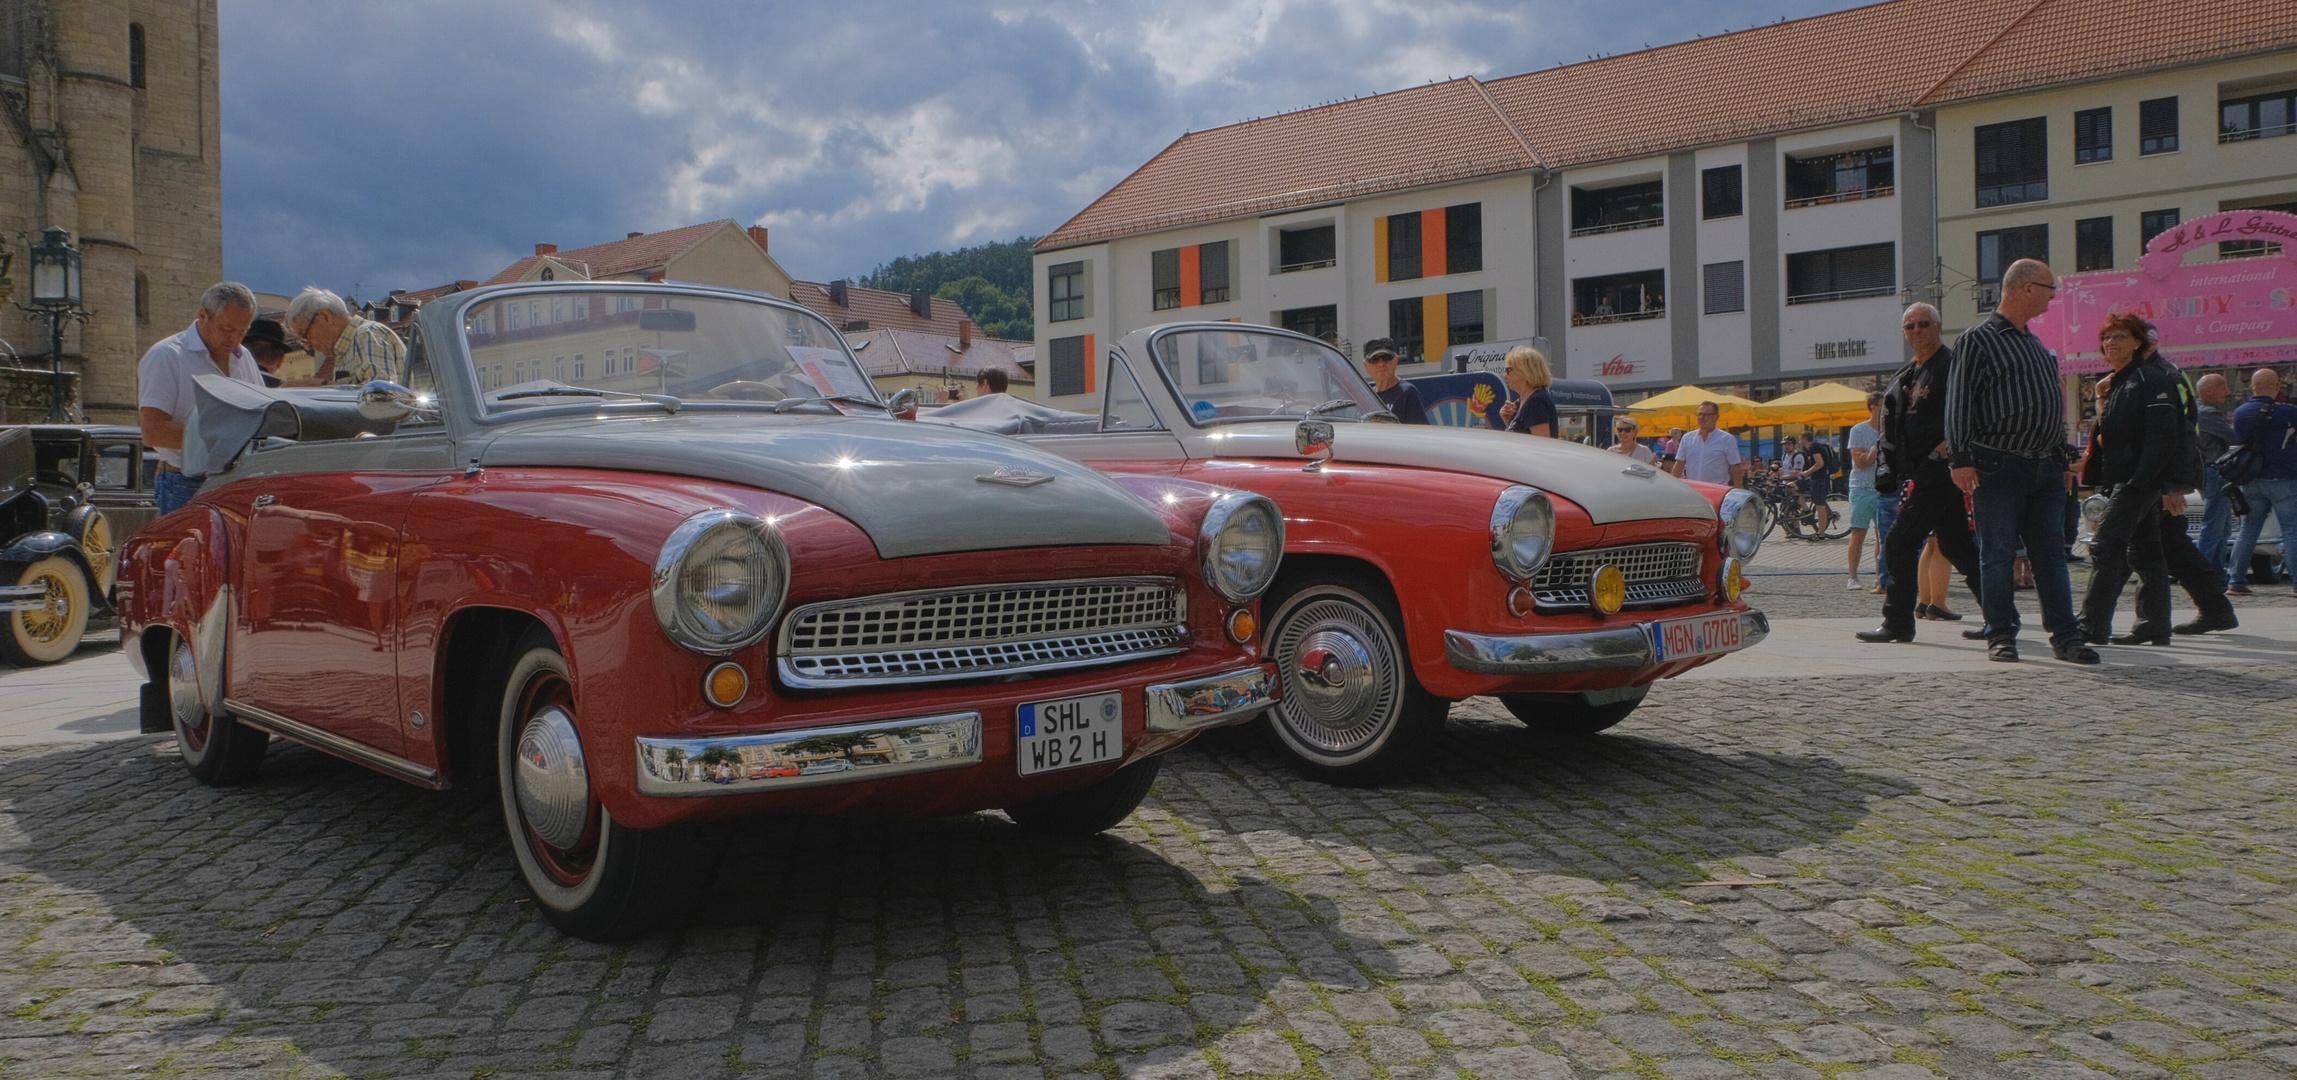 Meiningen, alte Autos (Meiningen, coches viejos)